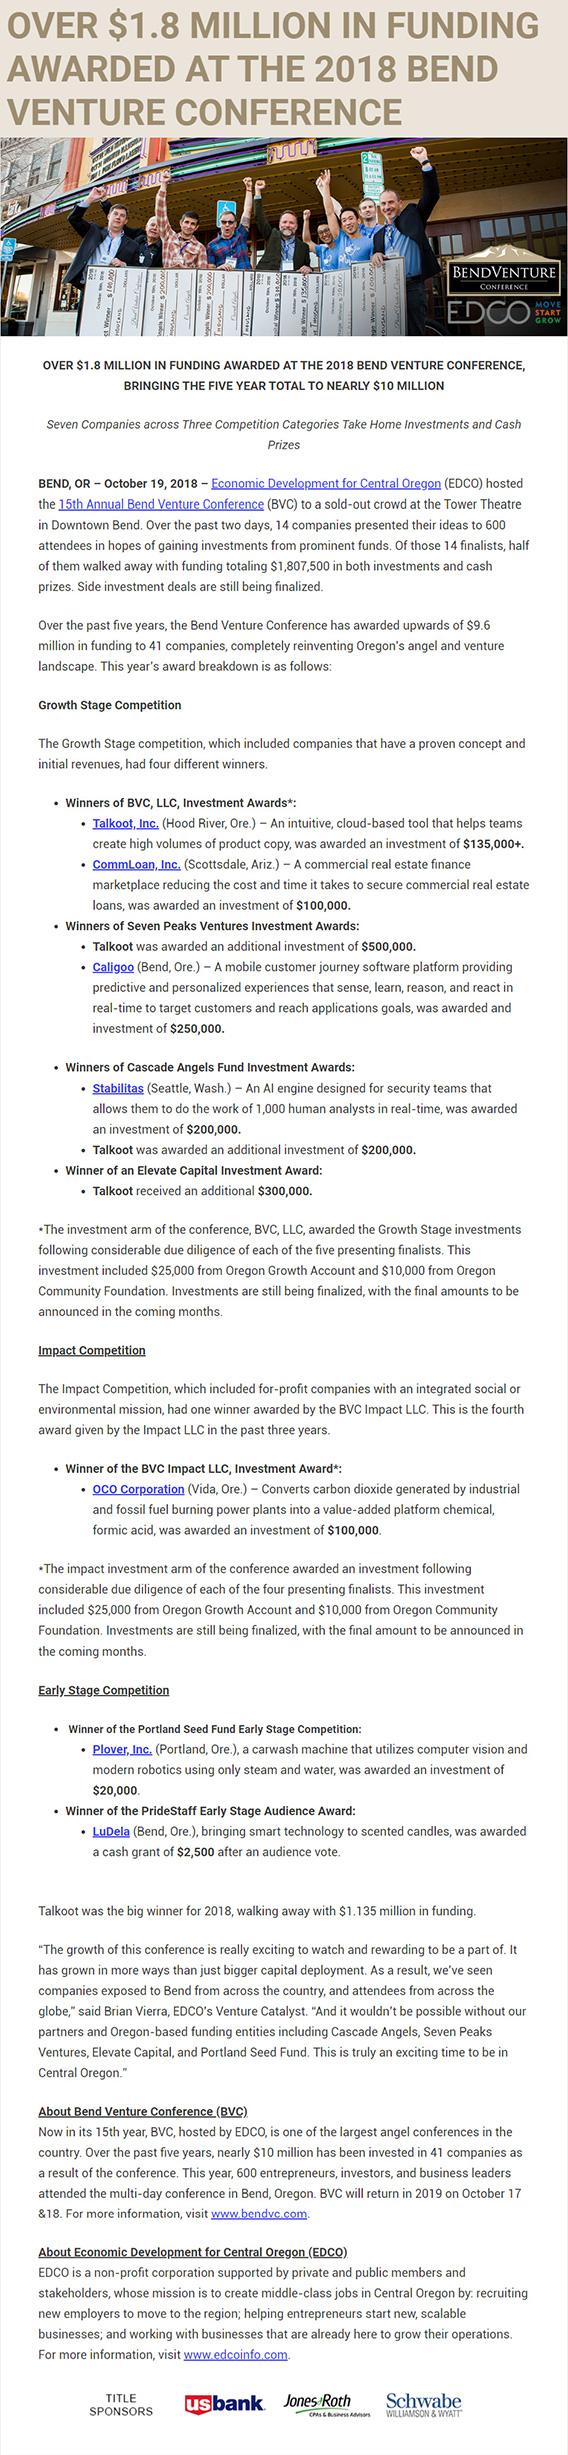 over million in funding awarded